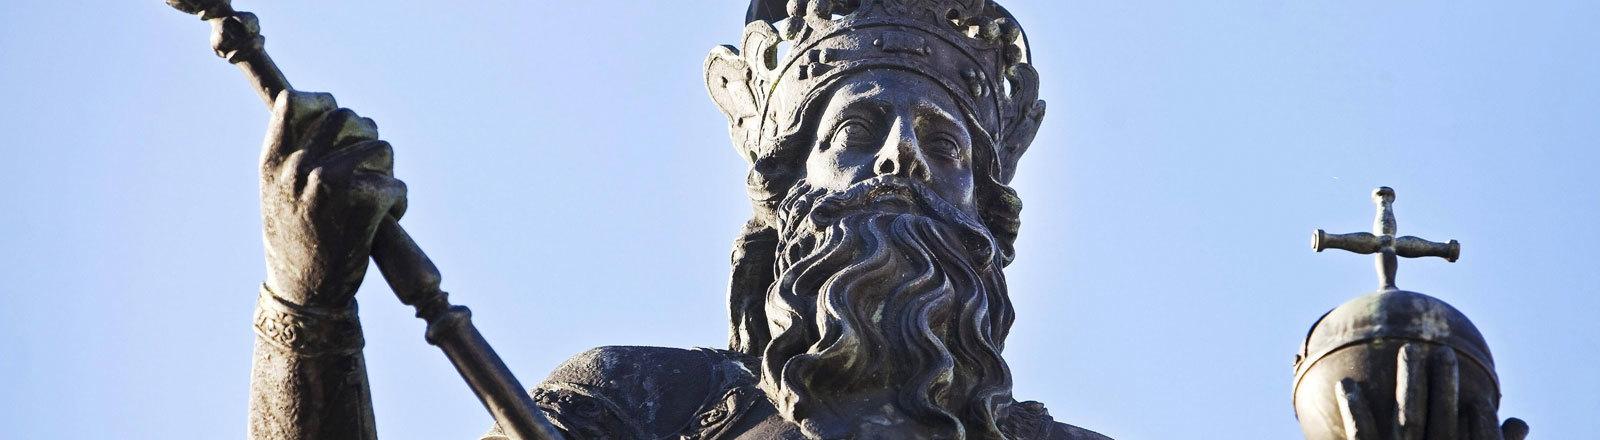 Brunnendenkmal in Aachen: Der Römisch-deutscher Kaiser Karl der Große